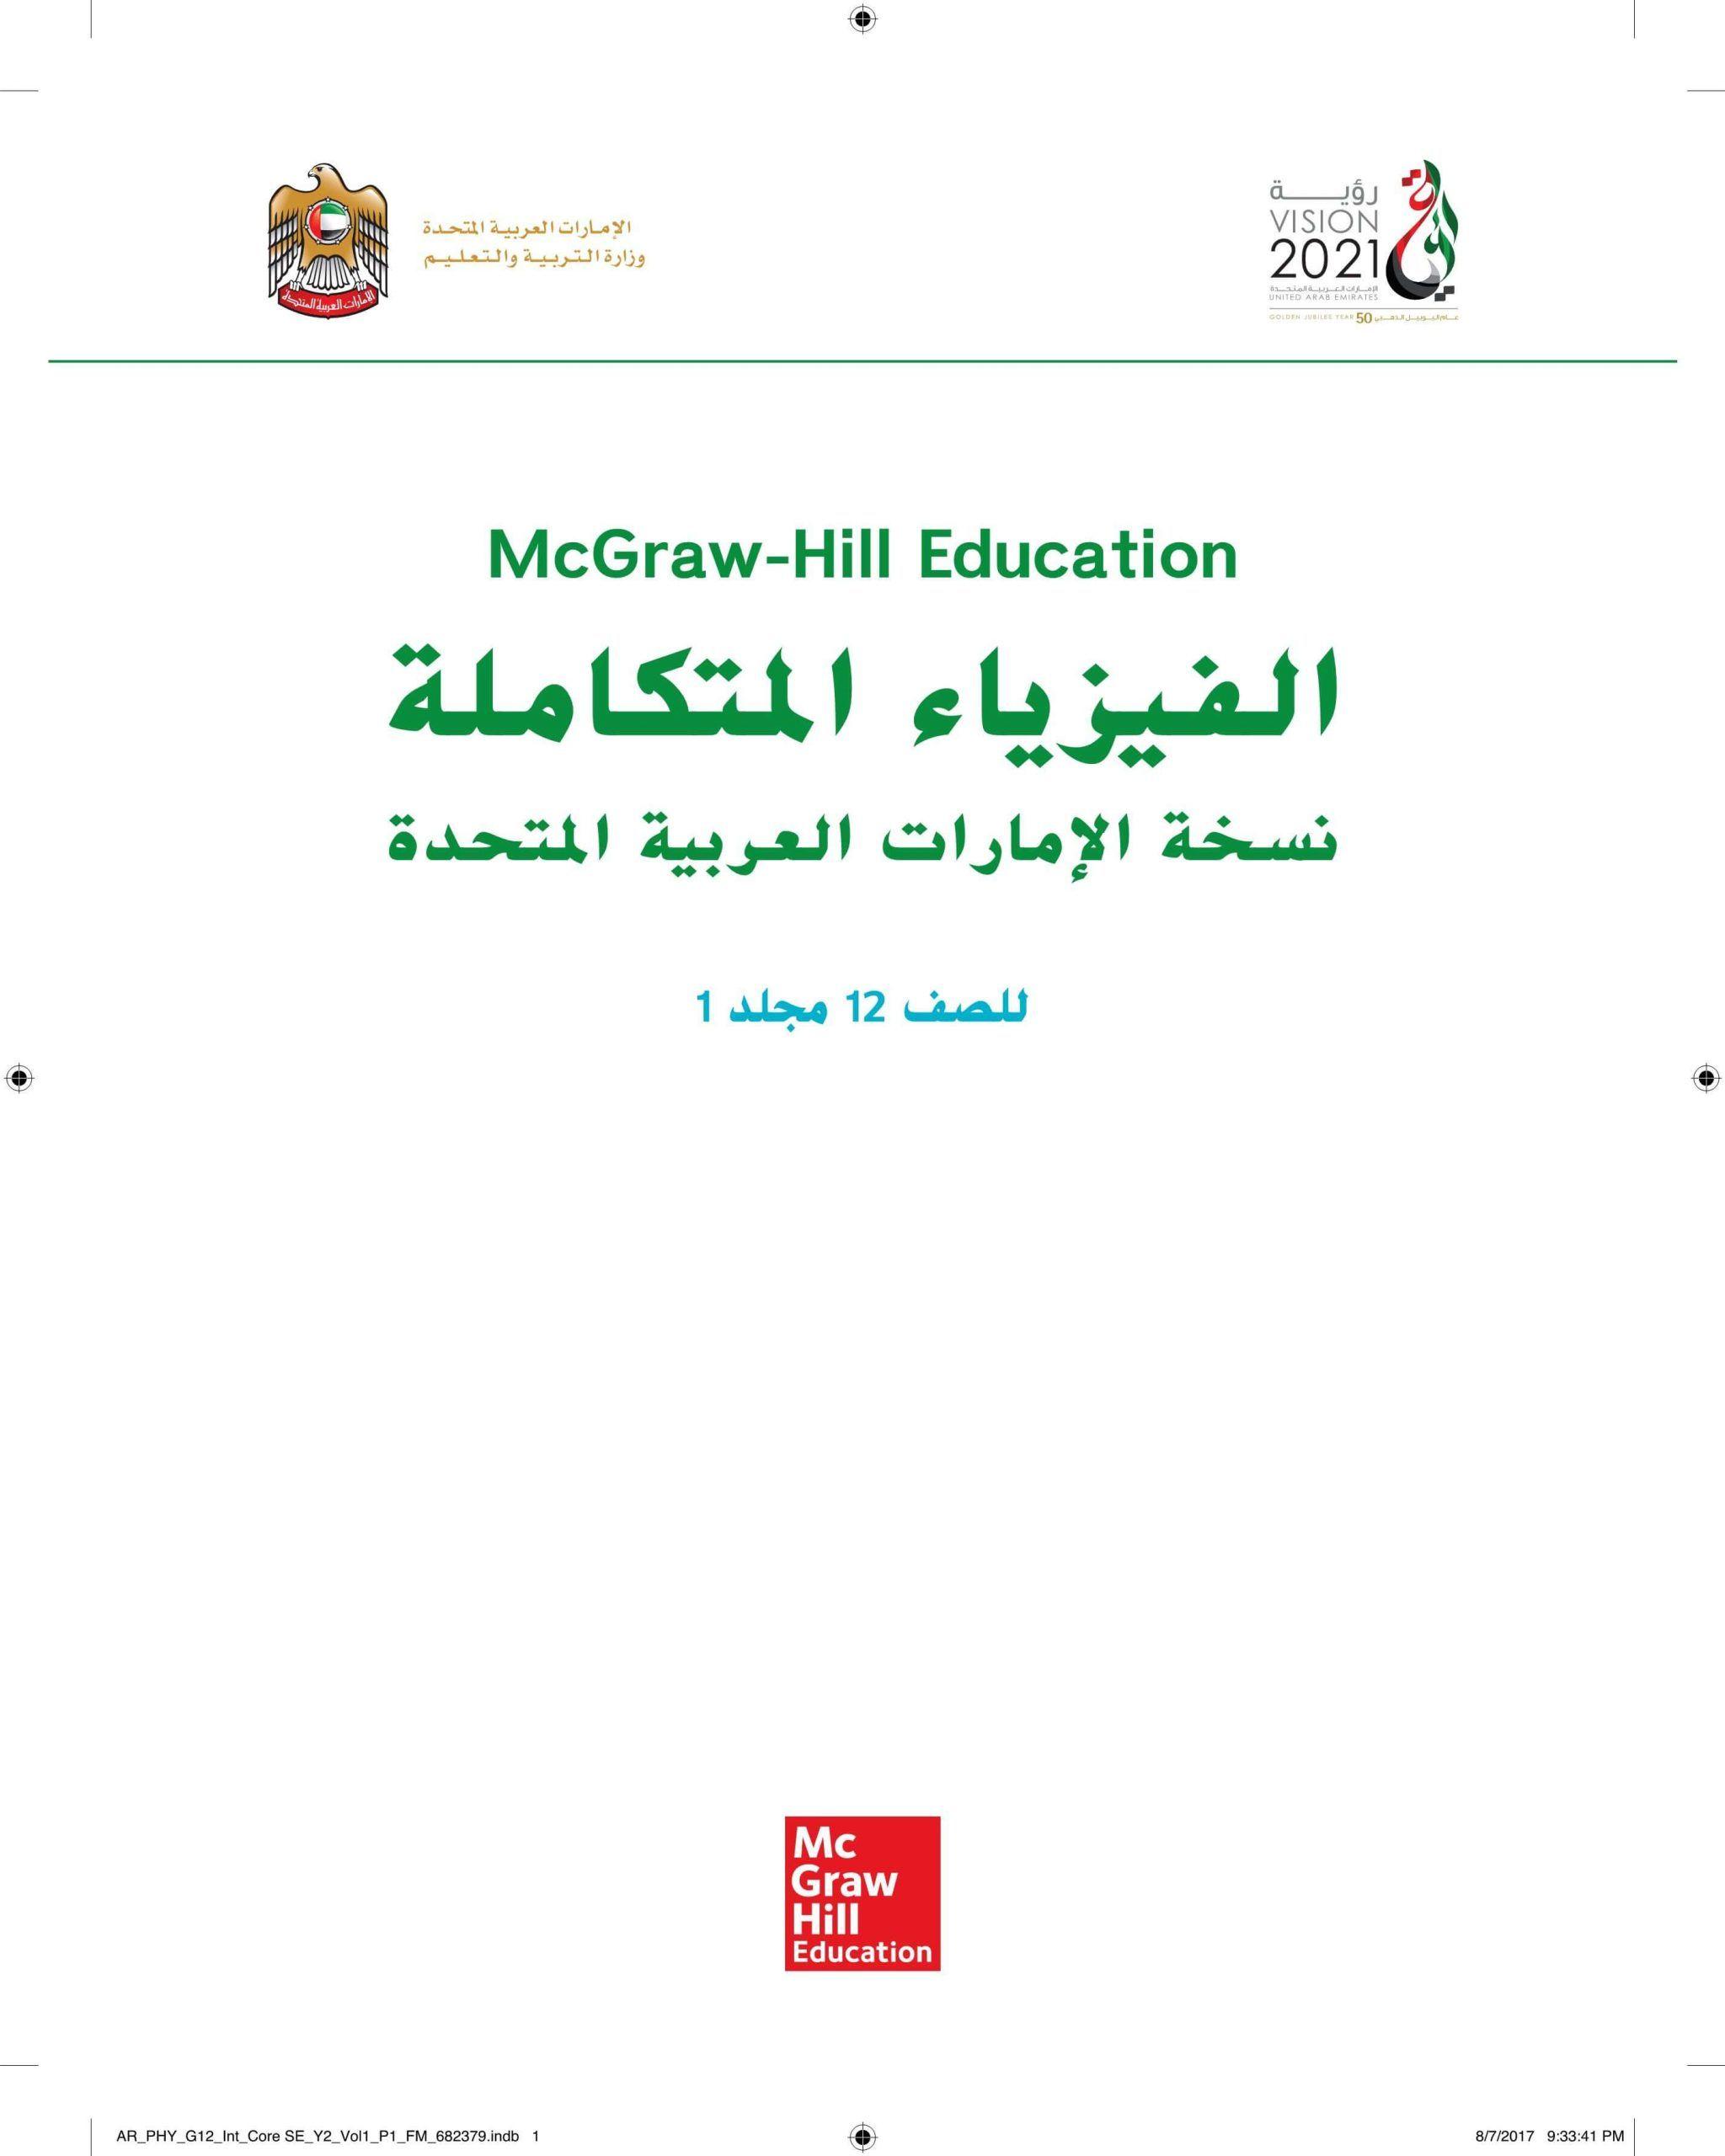 كتاب الطالب الفصل الدراسي الاول للصف الثاني عشر مادة الفيزياء Mcgraw Hill Education Mcgraw Hill Education